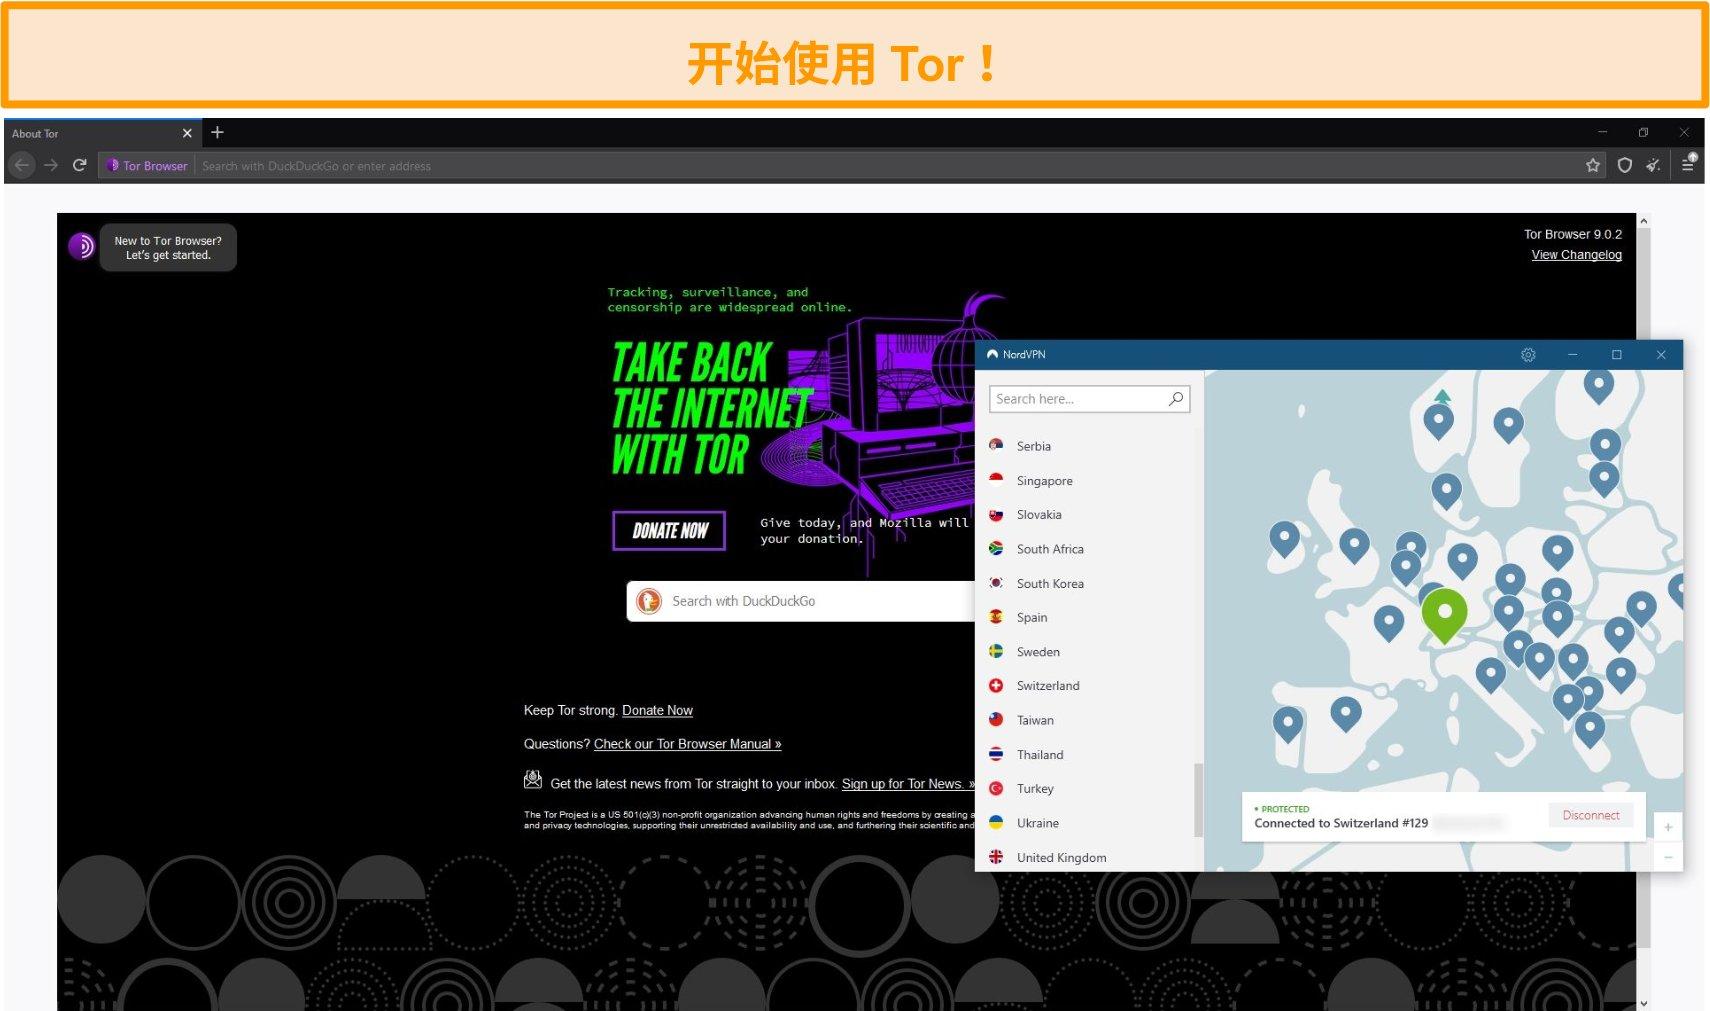 通过NordVPN的Tor over VPN连接打开的Tor浏览器的屏幕截图